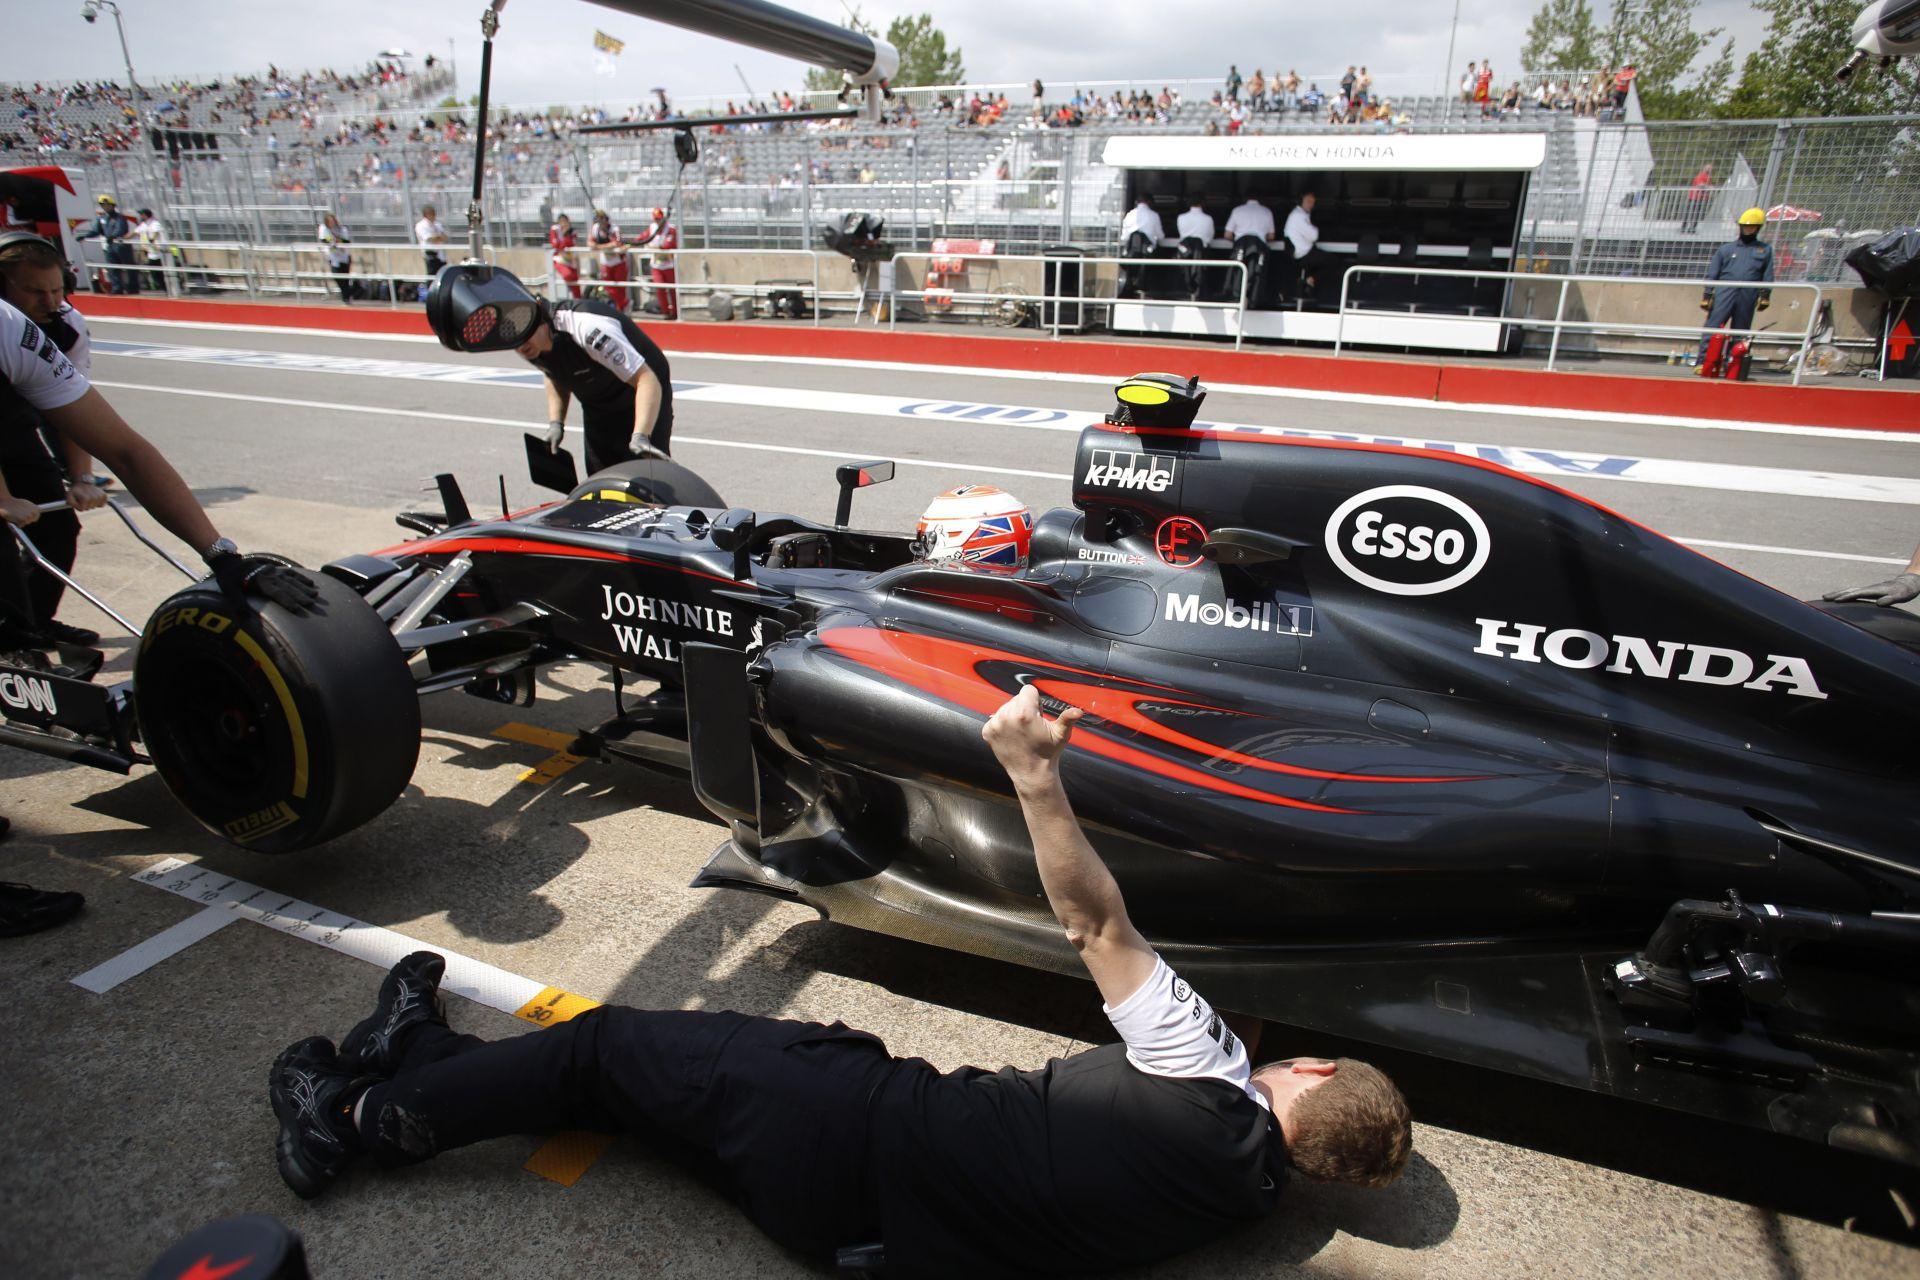 Alonso után Button is megerősítette: jó a McLaren kasztnija, de nincs benne erő a Honda miatt